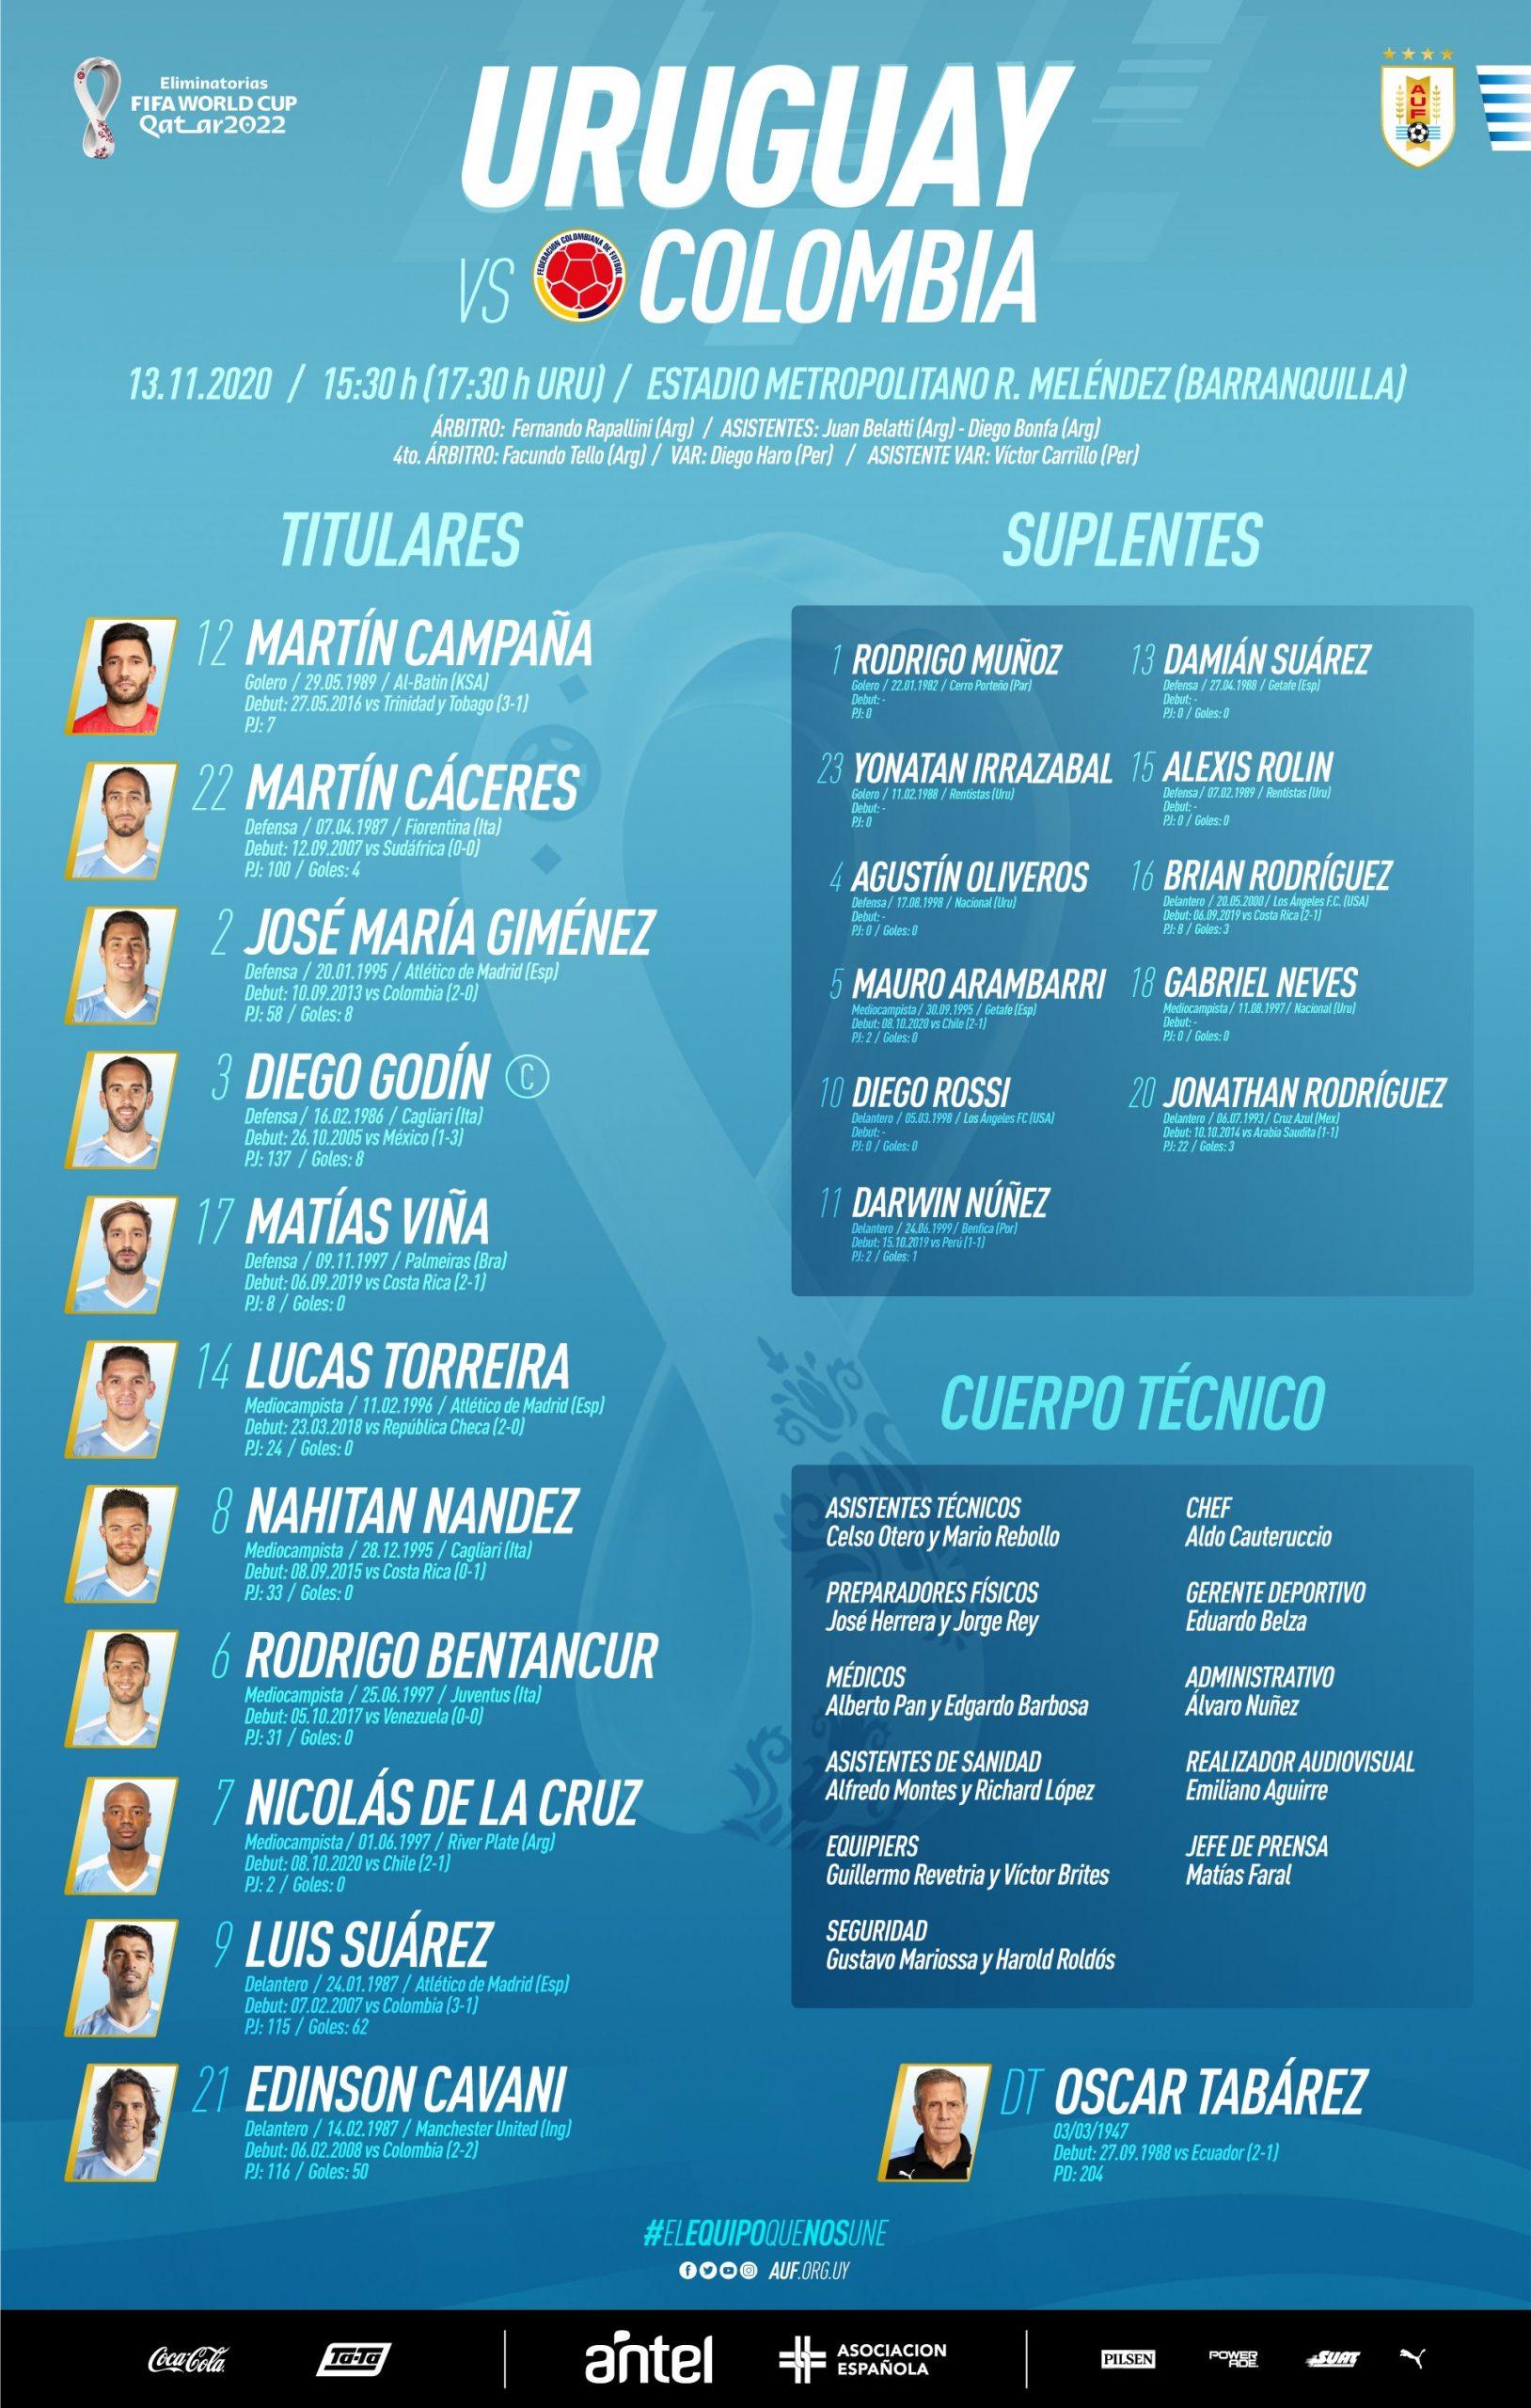 Nominas de Colombia vs Uruguay 2 scaled